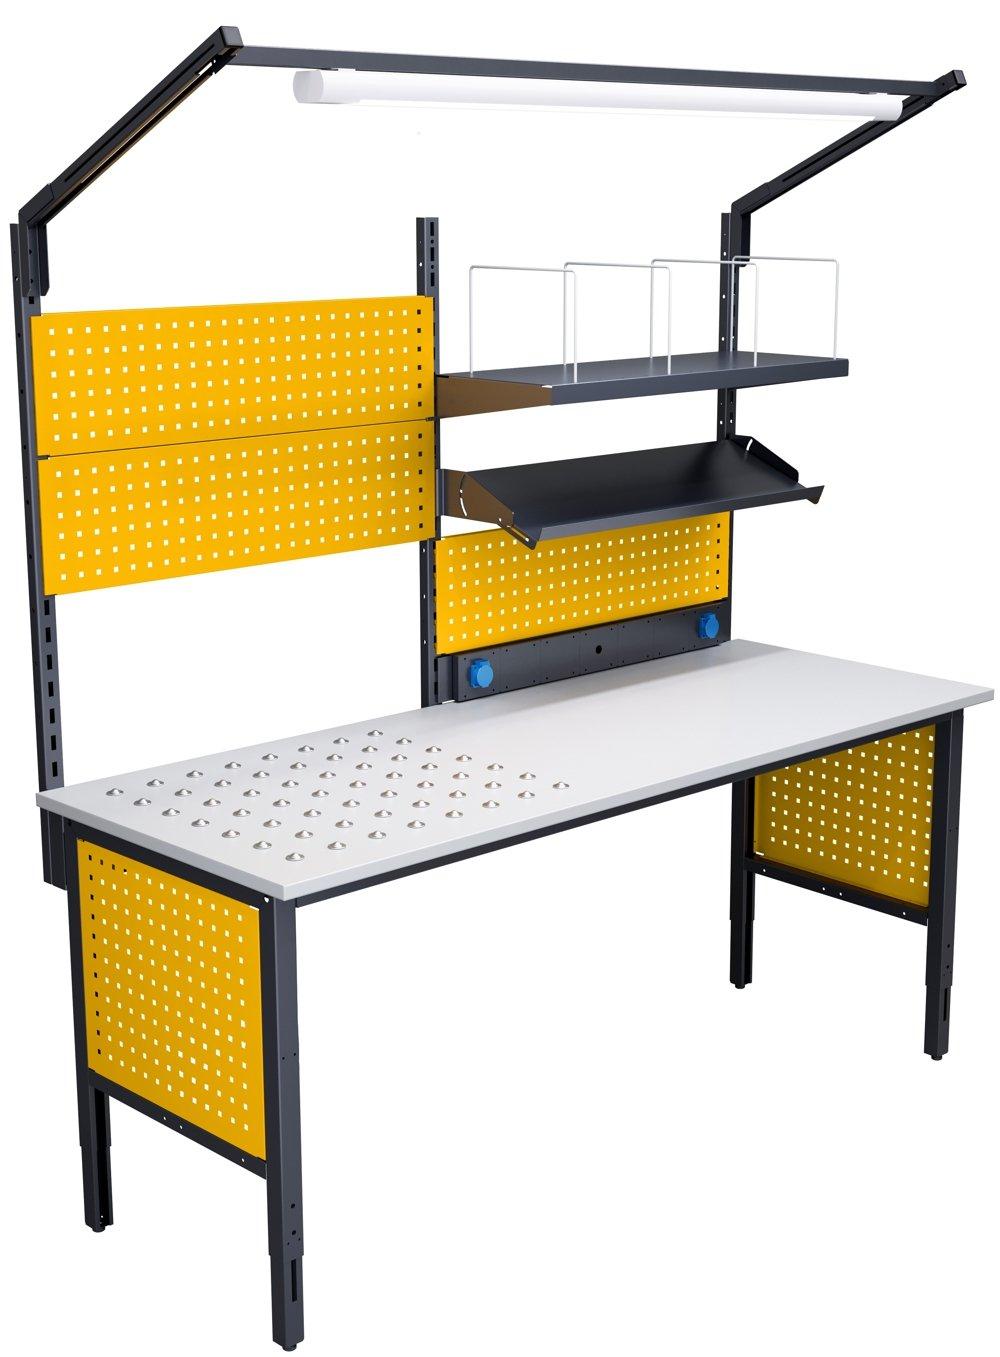 Stół kompletacyjny 2000 mm z blatem kulowym i oświetleniem LED 7024/1023